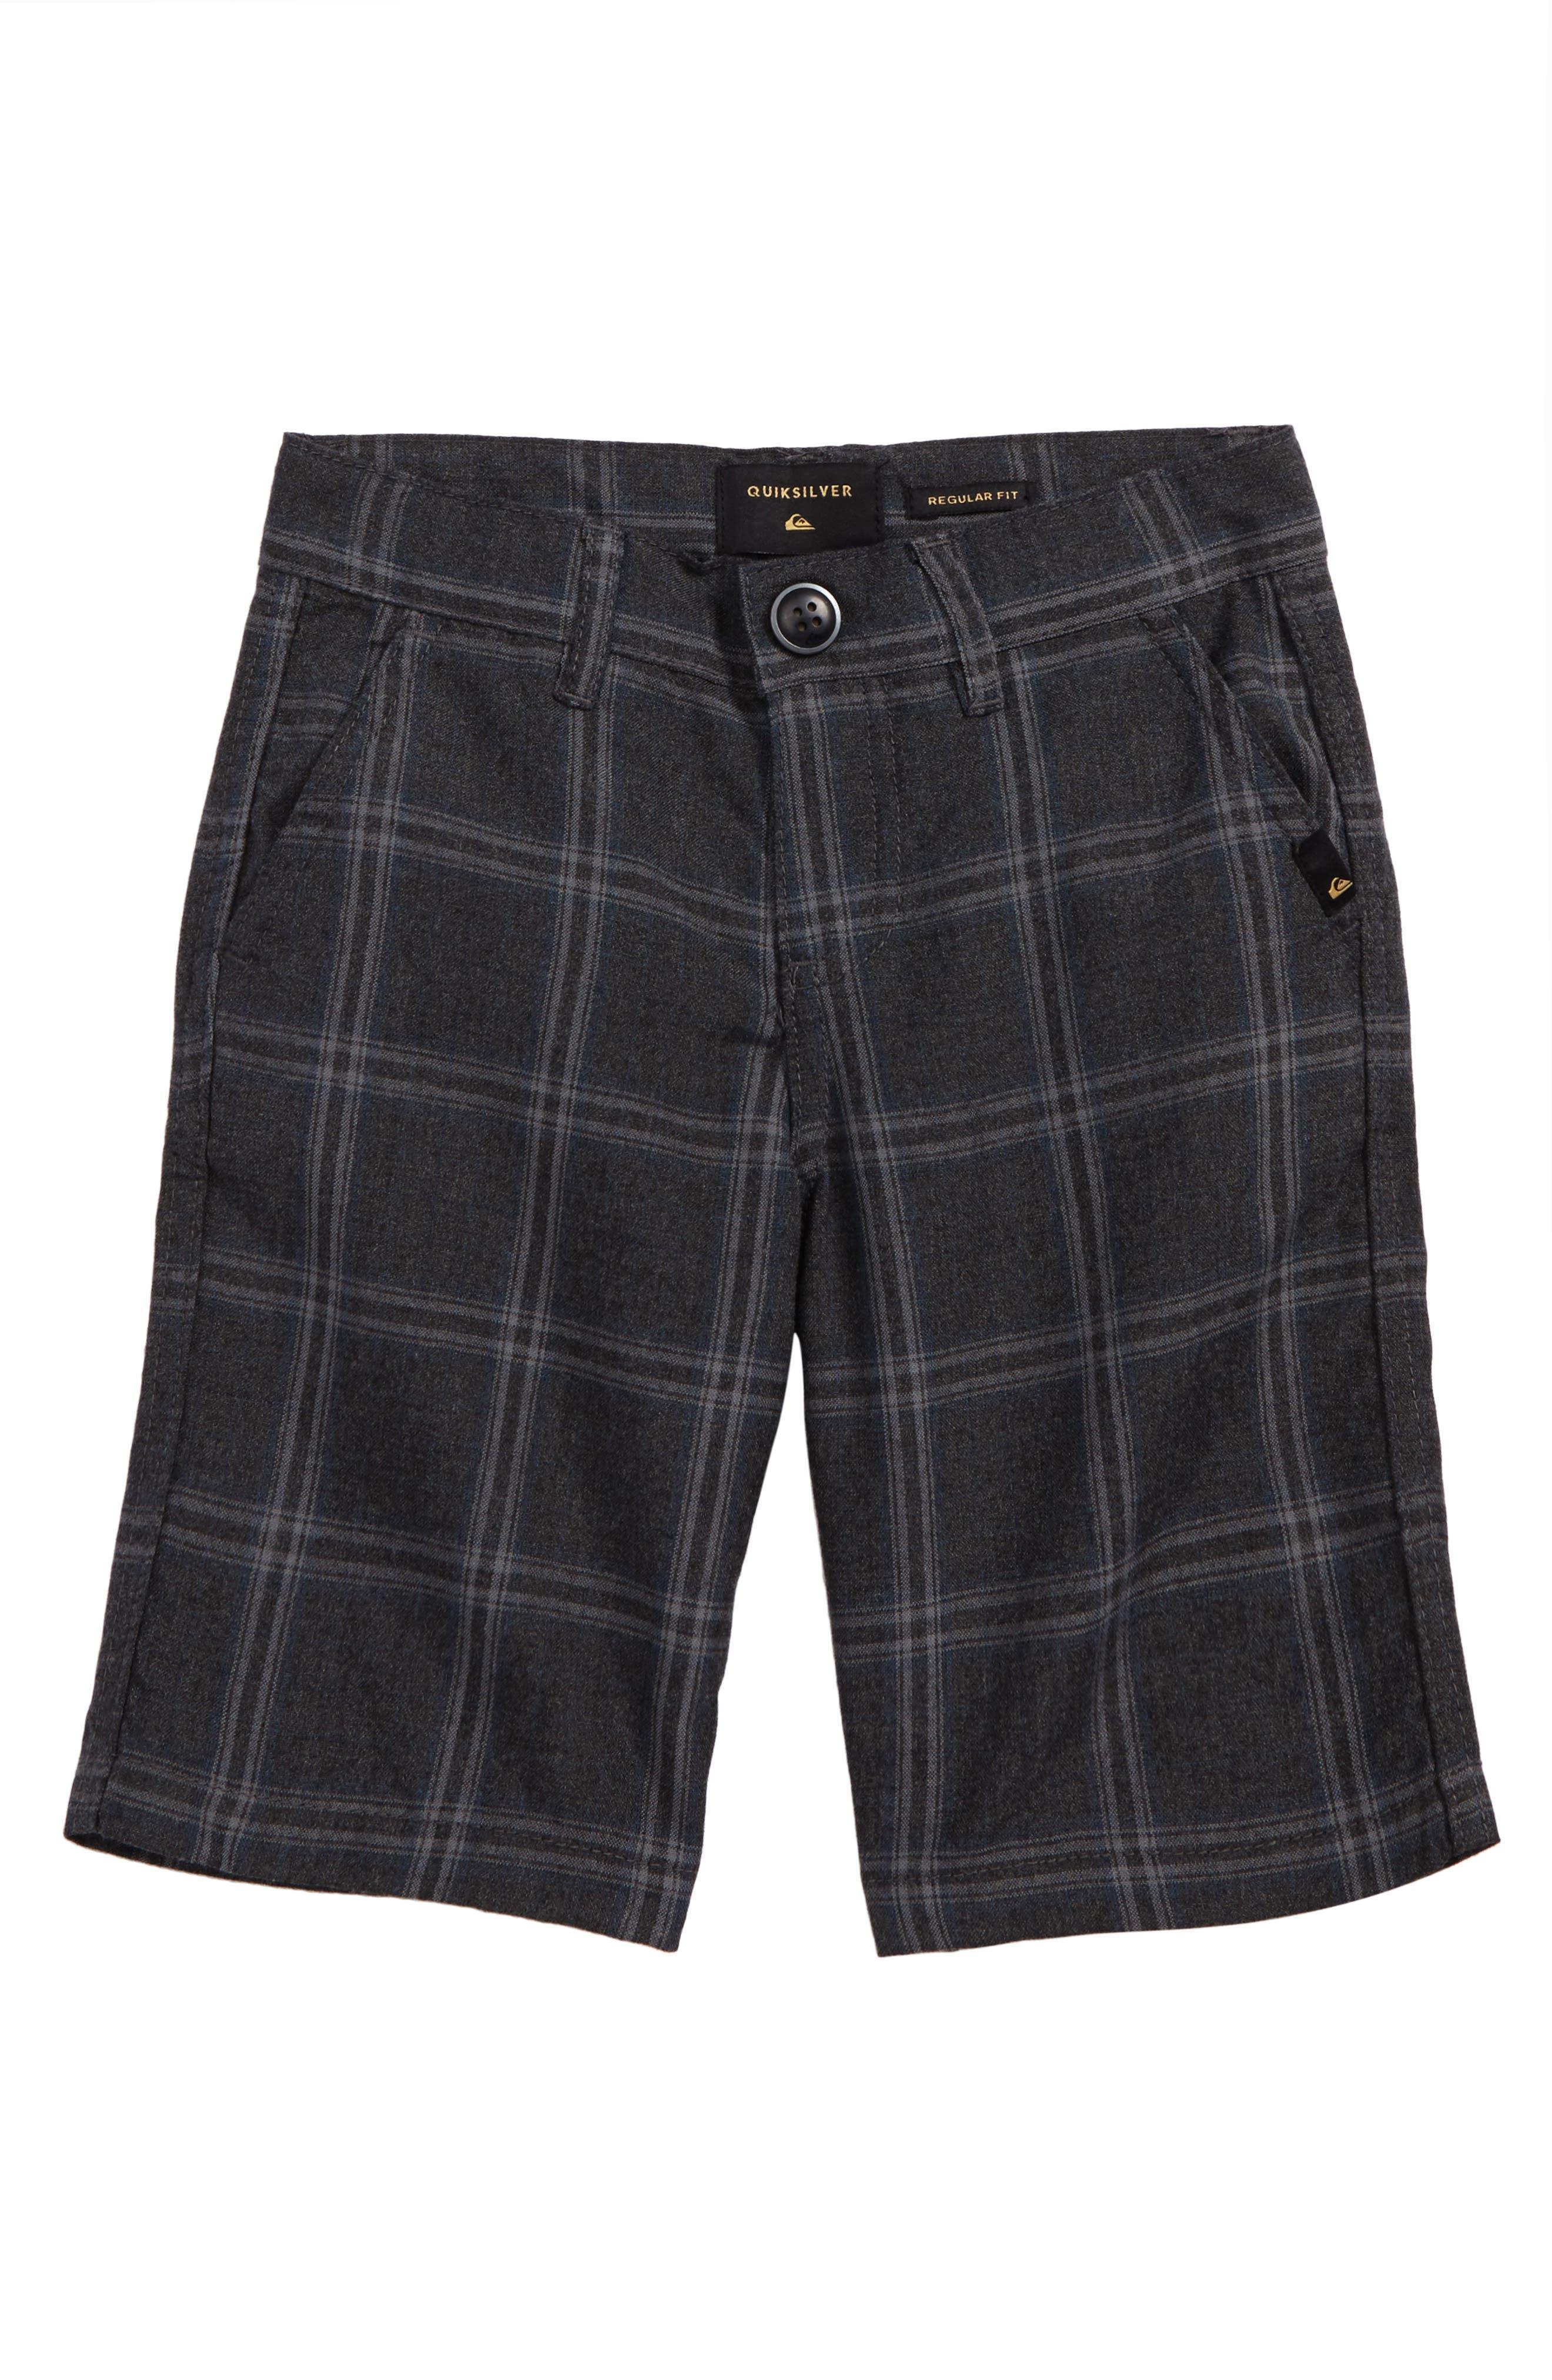 Regeneration Plaid Shorts,                         Main,                         color, 020